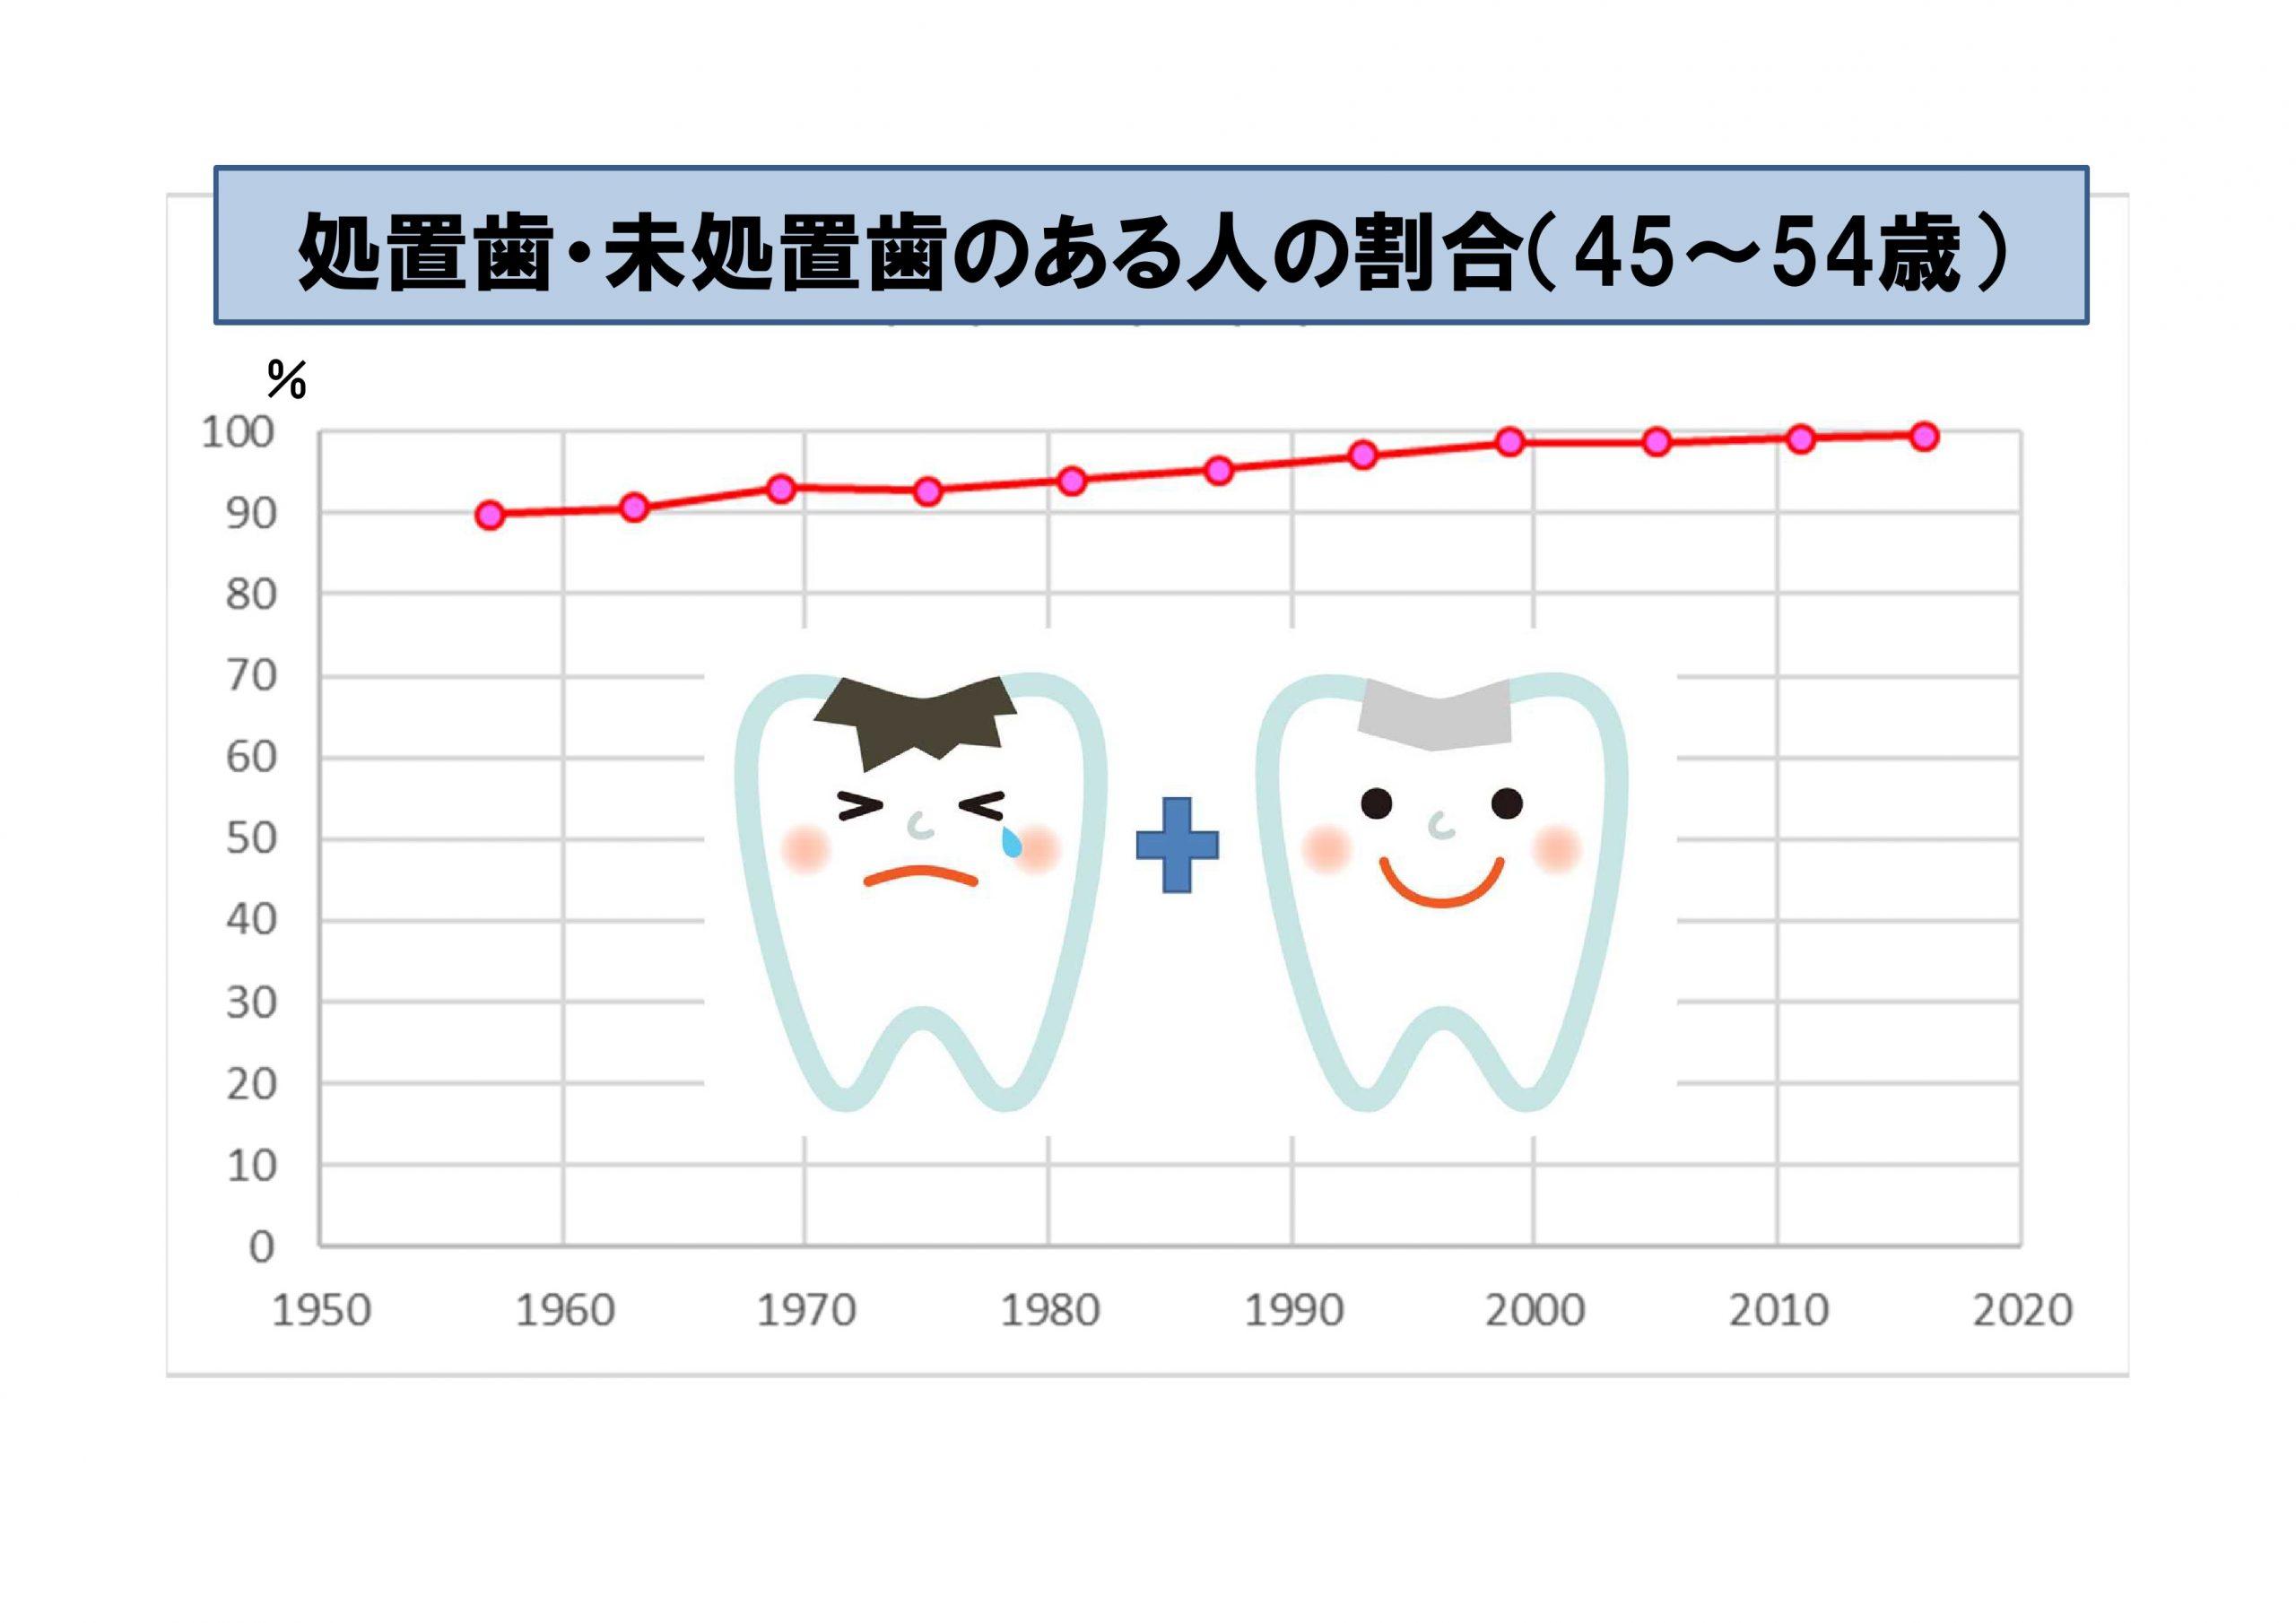 処置歯・未処置歯のある人の割合(45~54歳)